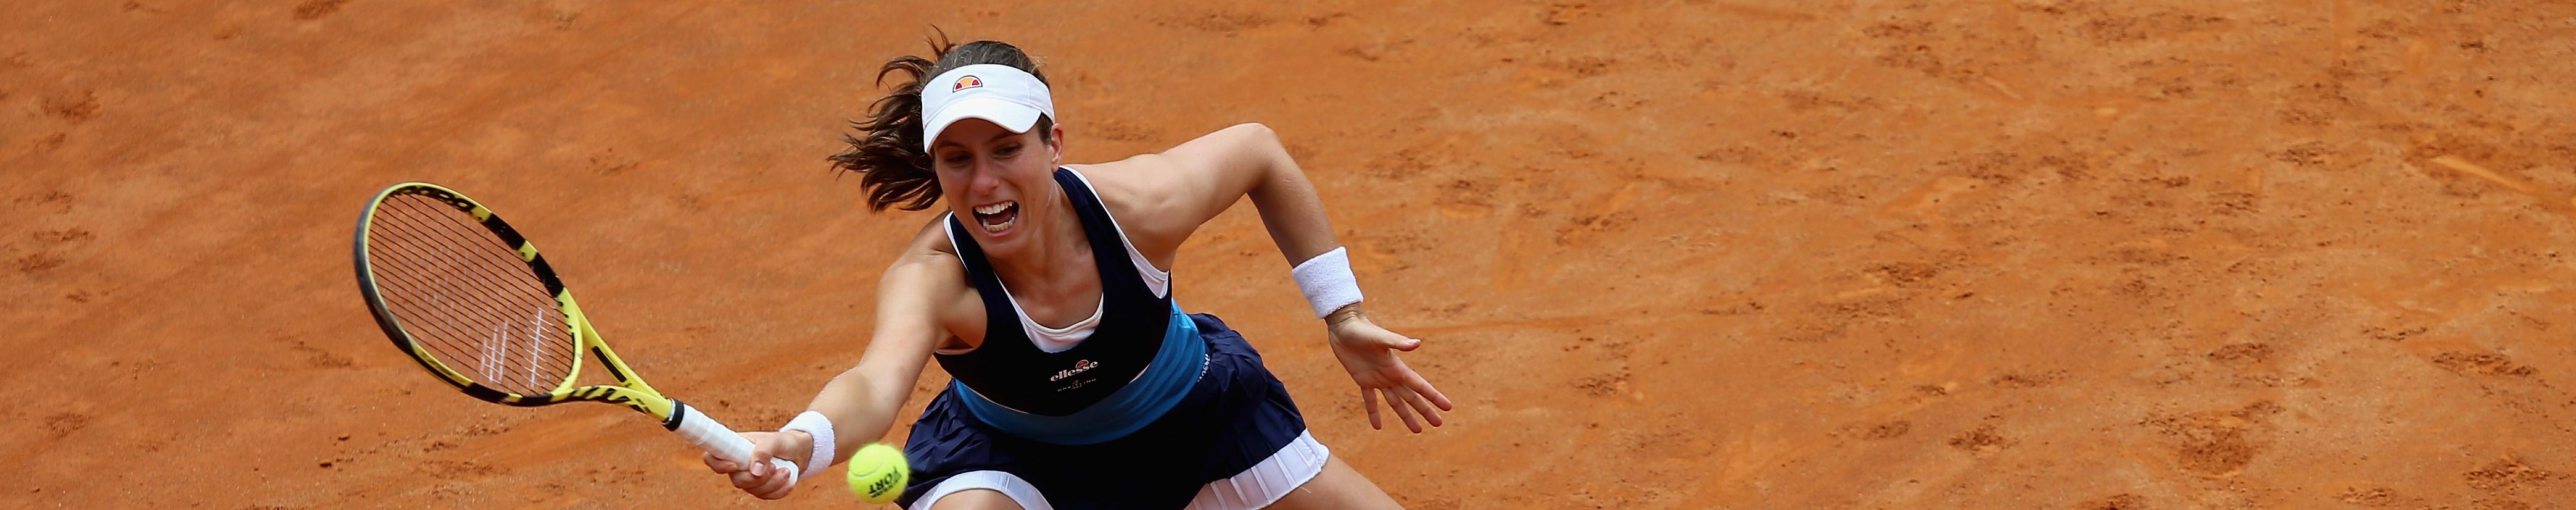 Roland Garros 2019, tre consigli per il day 2